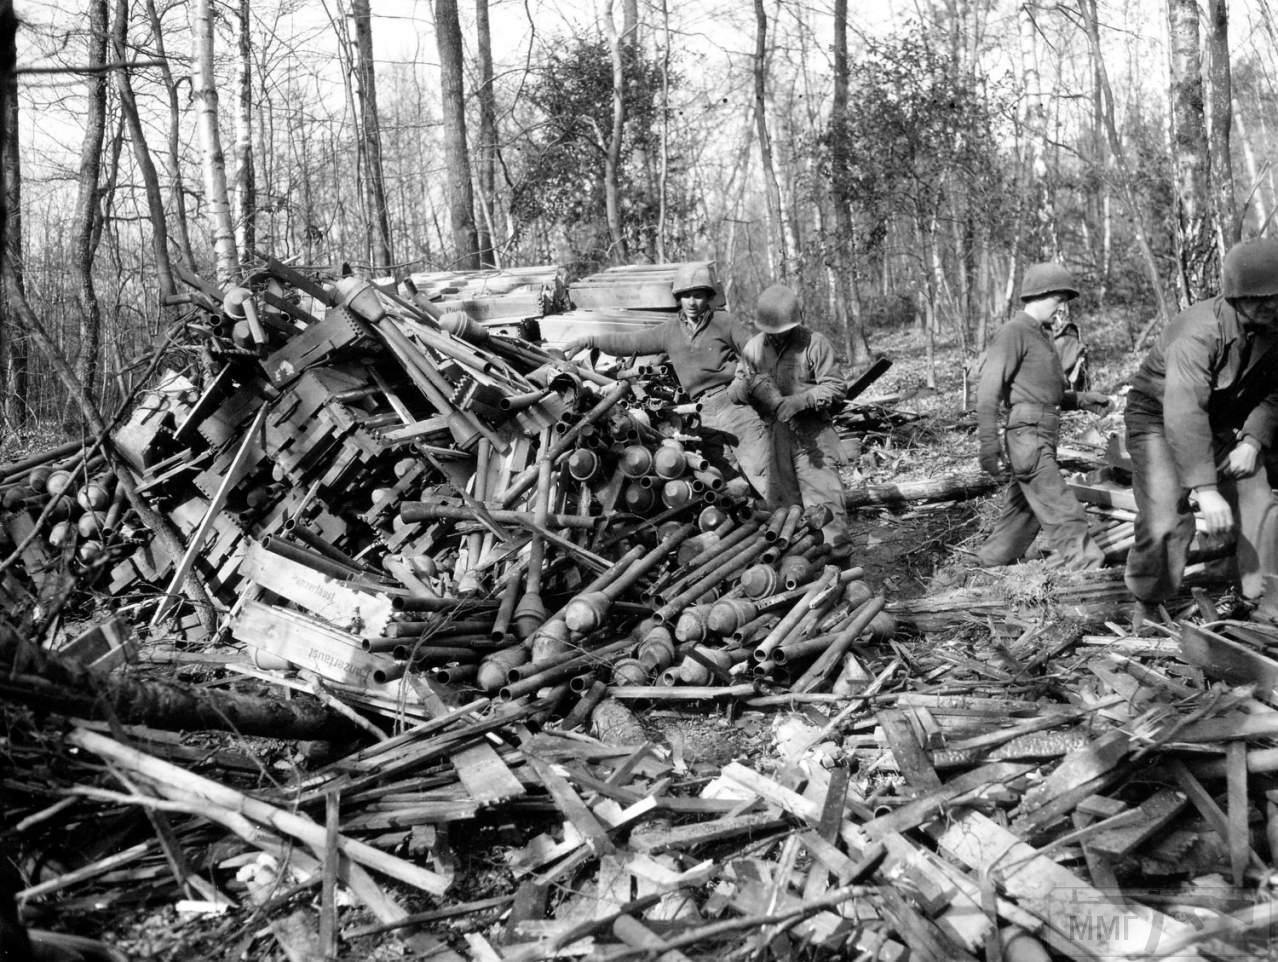 44886 - Ручной противотанковый гранатомет Panzerfaust (Faustpatrone)